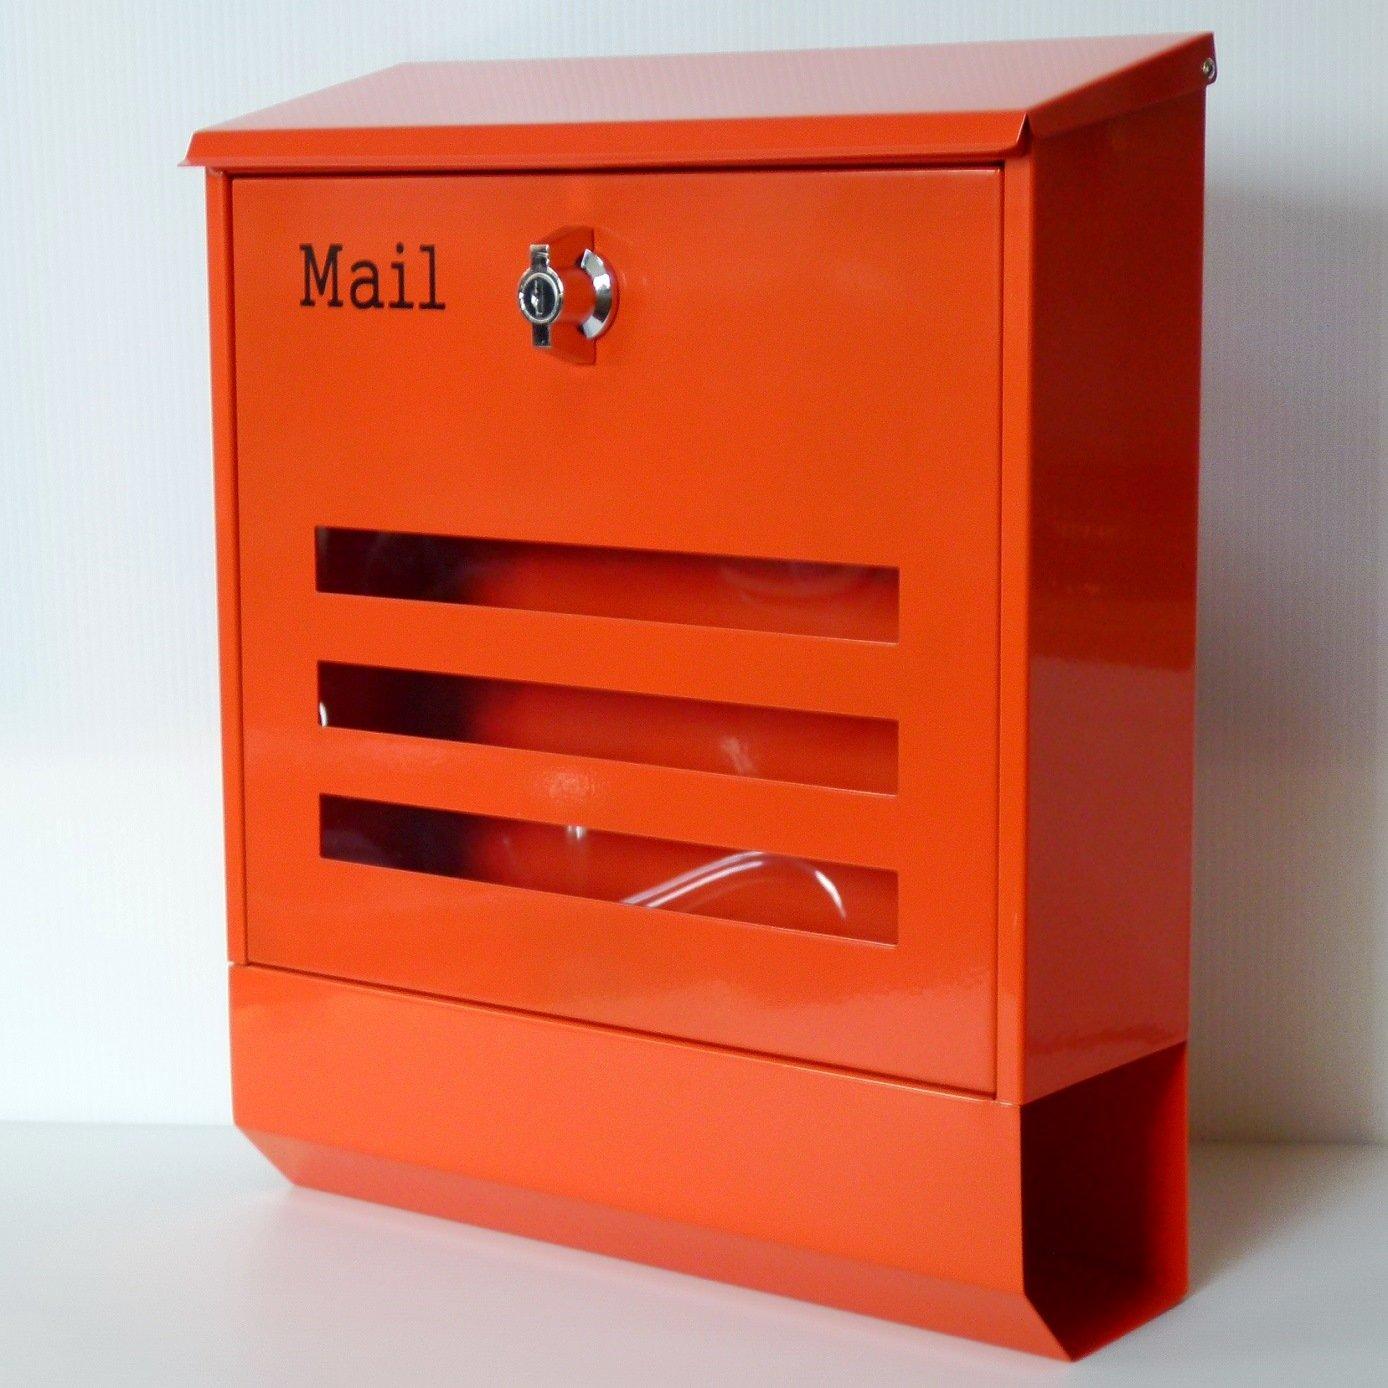 ポスト 郵便ポスト 郵便受け メールボックス壁掛けオレンジ色 ステンレスポストm142 B00FPFMXUU 19800